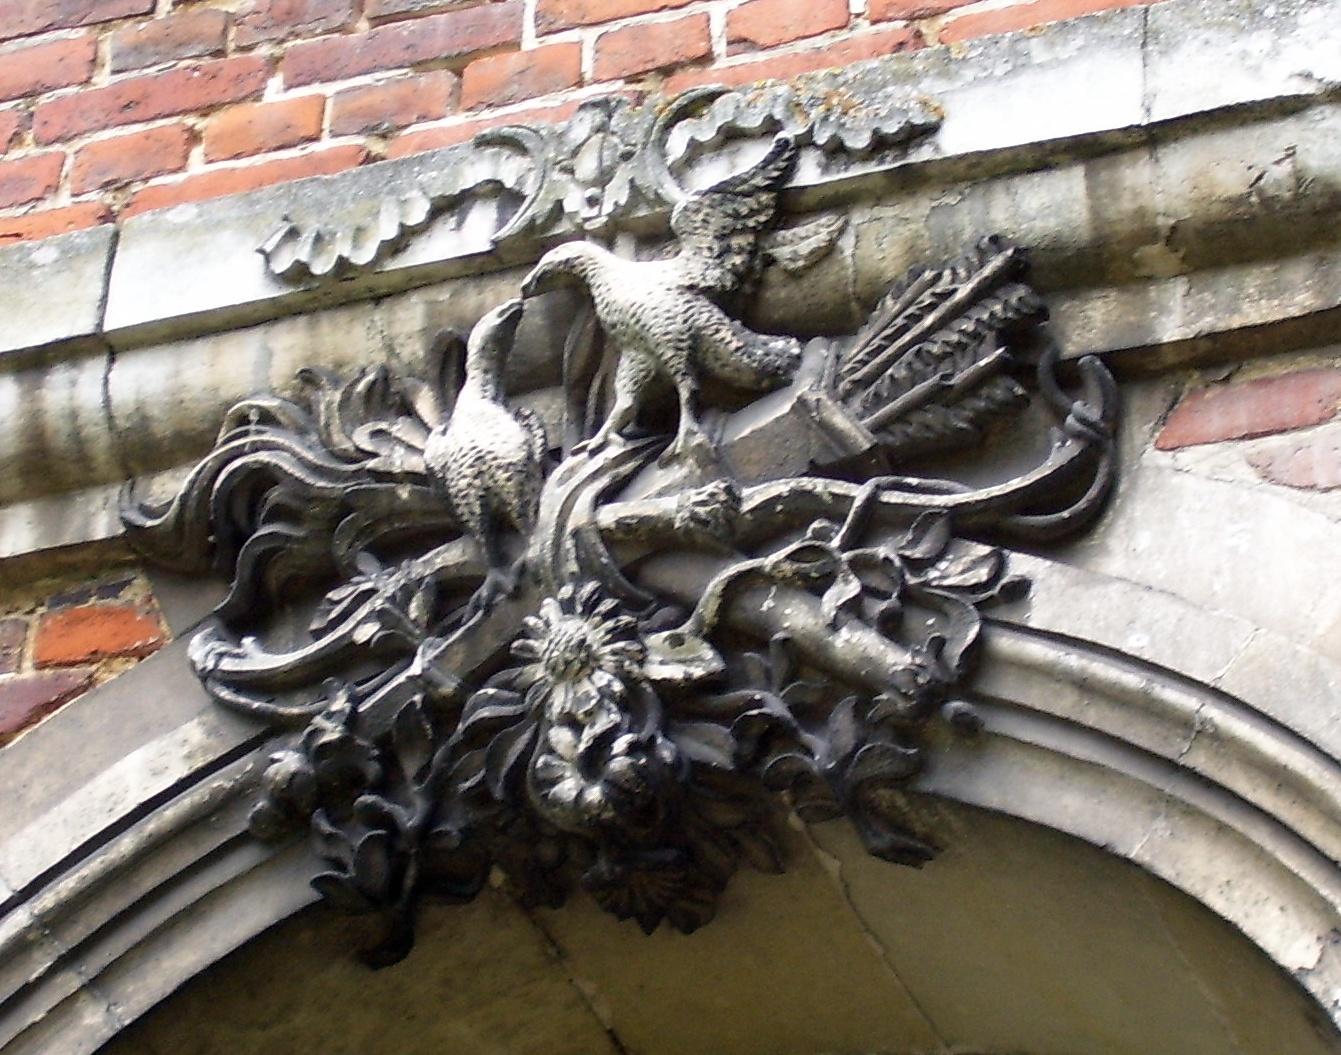 schnäbelnde Vögel (Fasane?) auf Bogen und Pfeilen, eigenes Foto, public domain/gemeinfrei